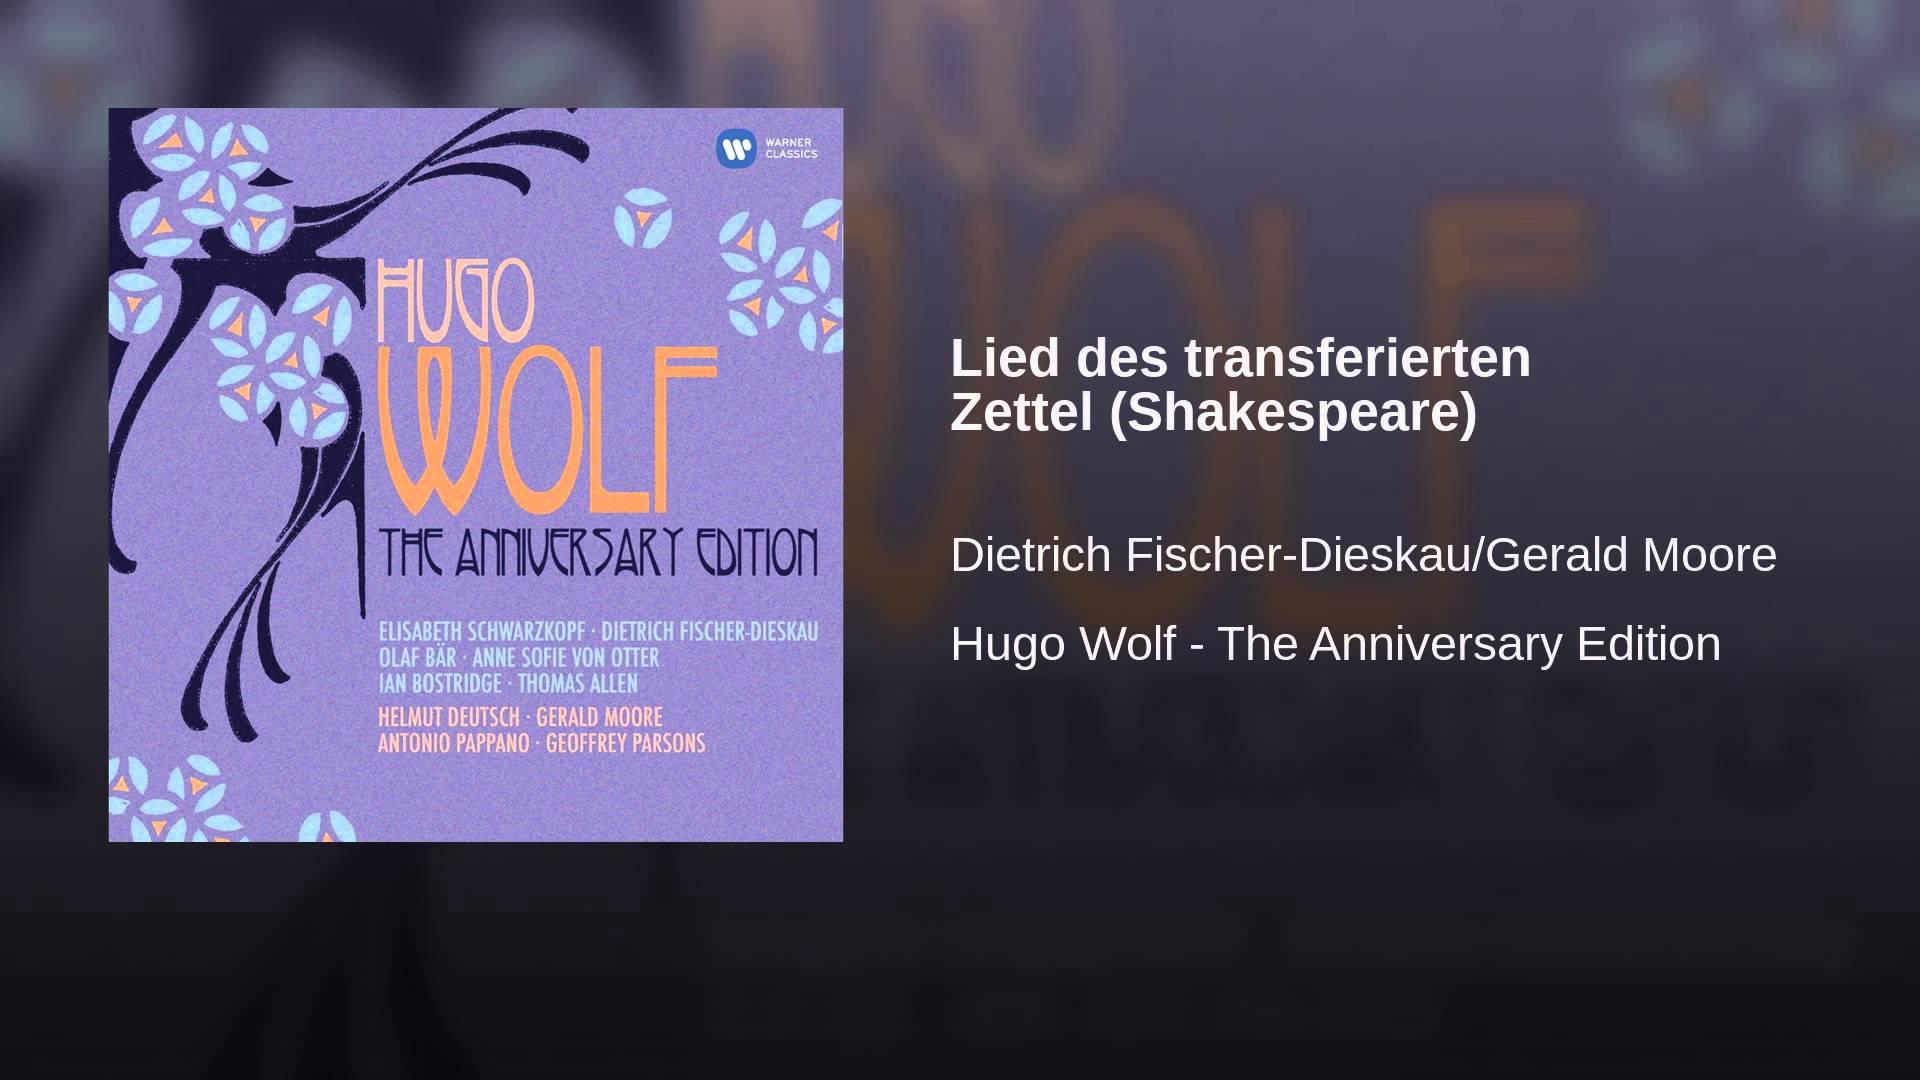 Hugo Wolf:  Lied des transferierten Zettel